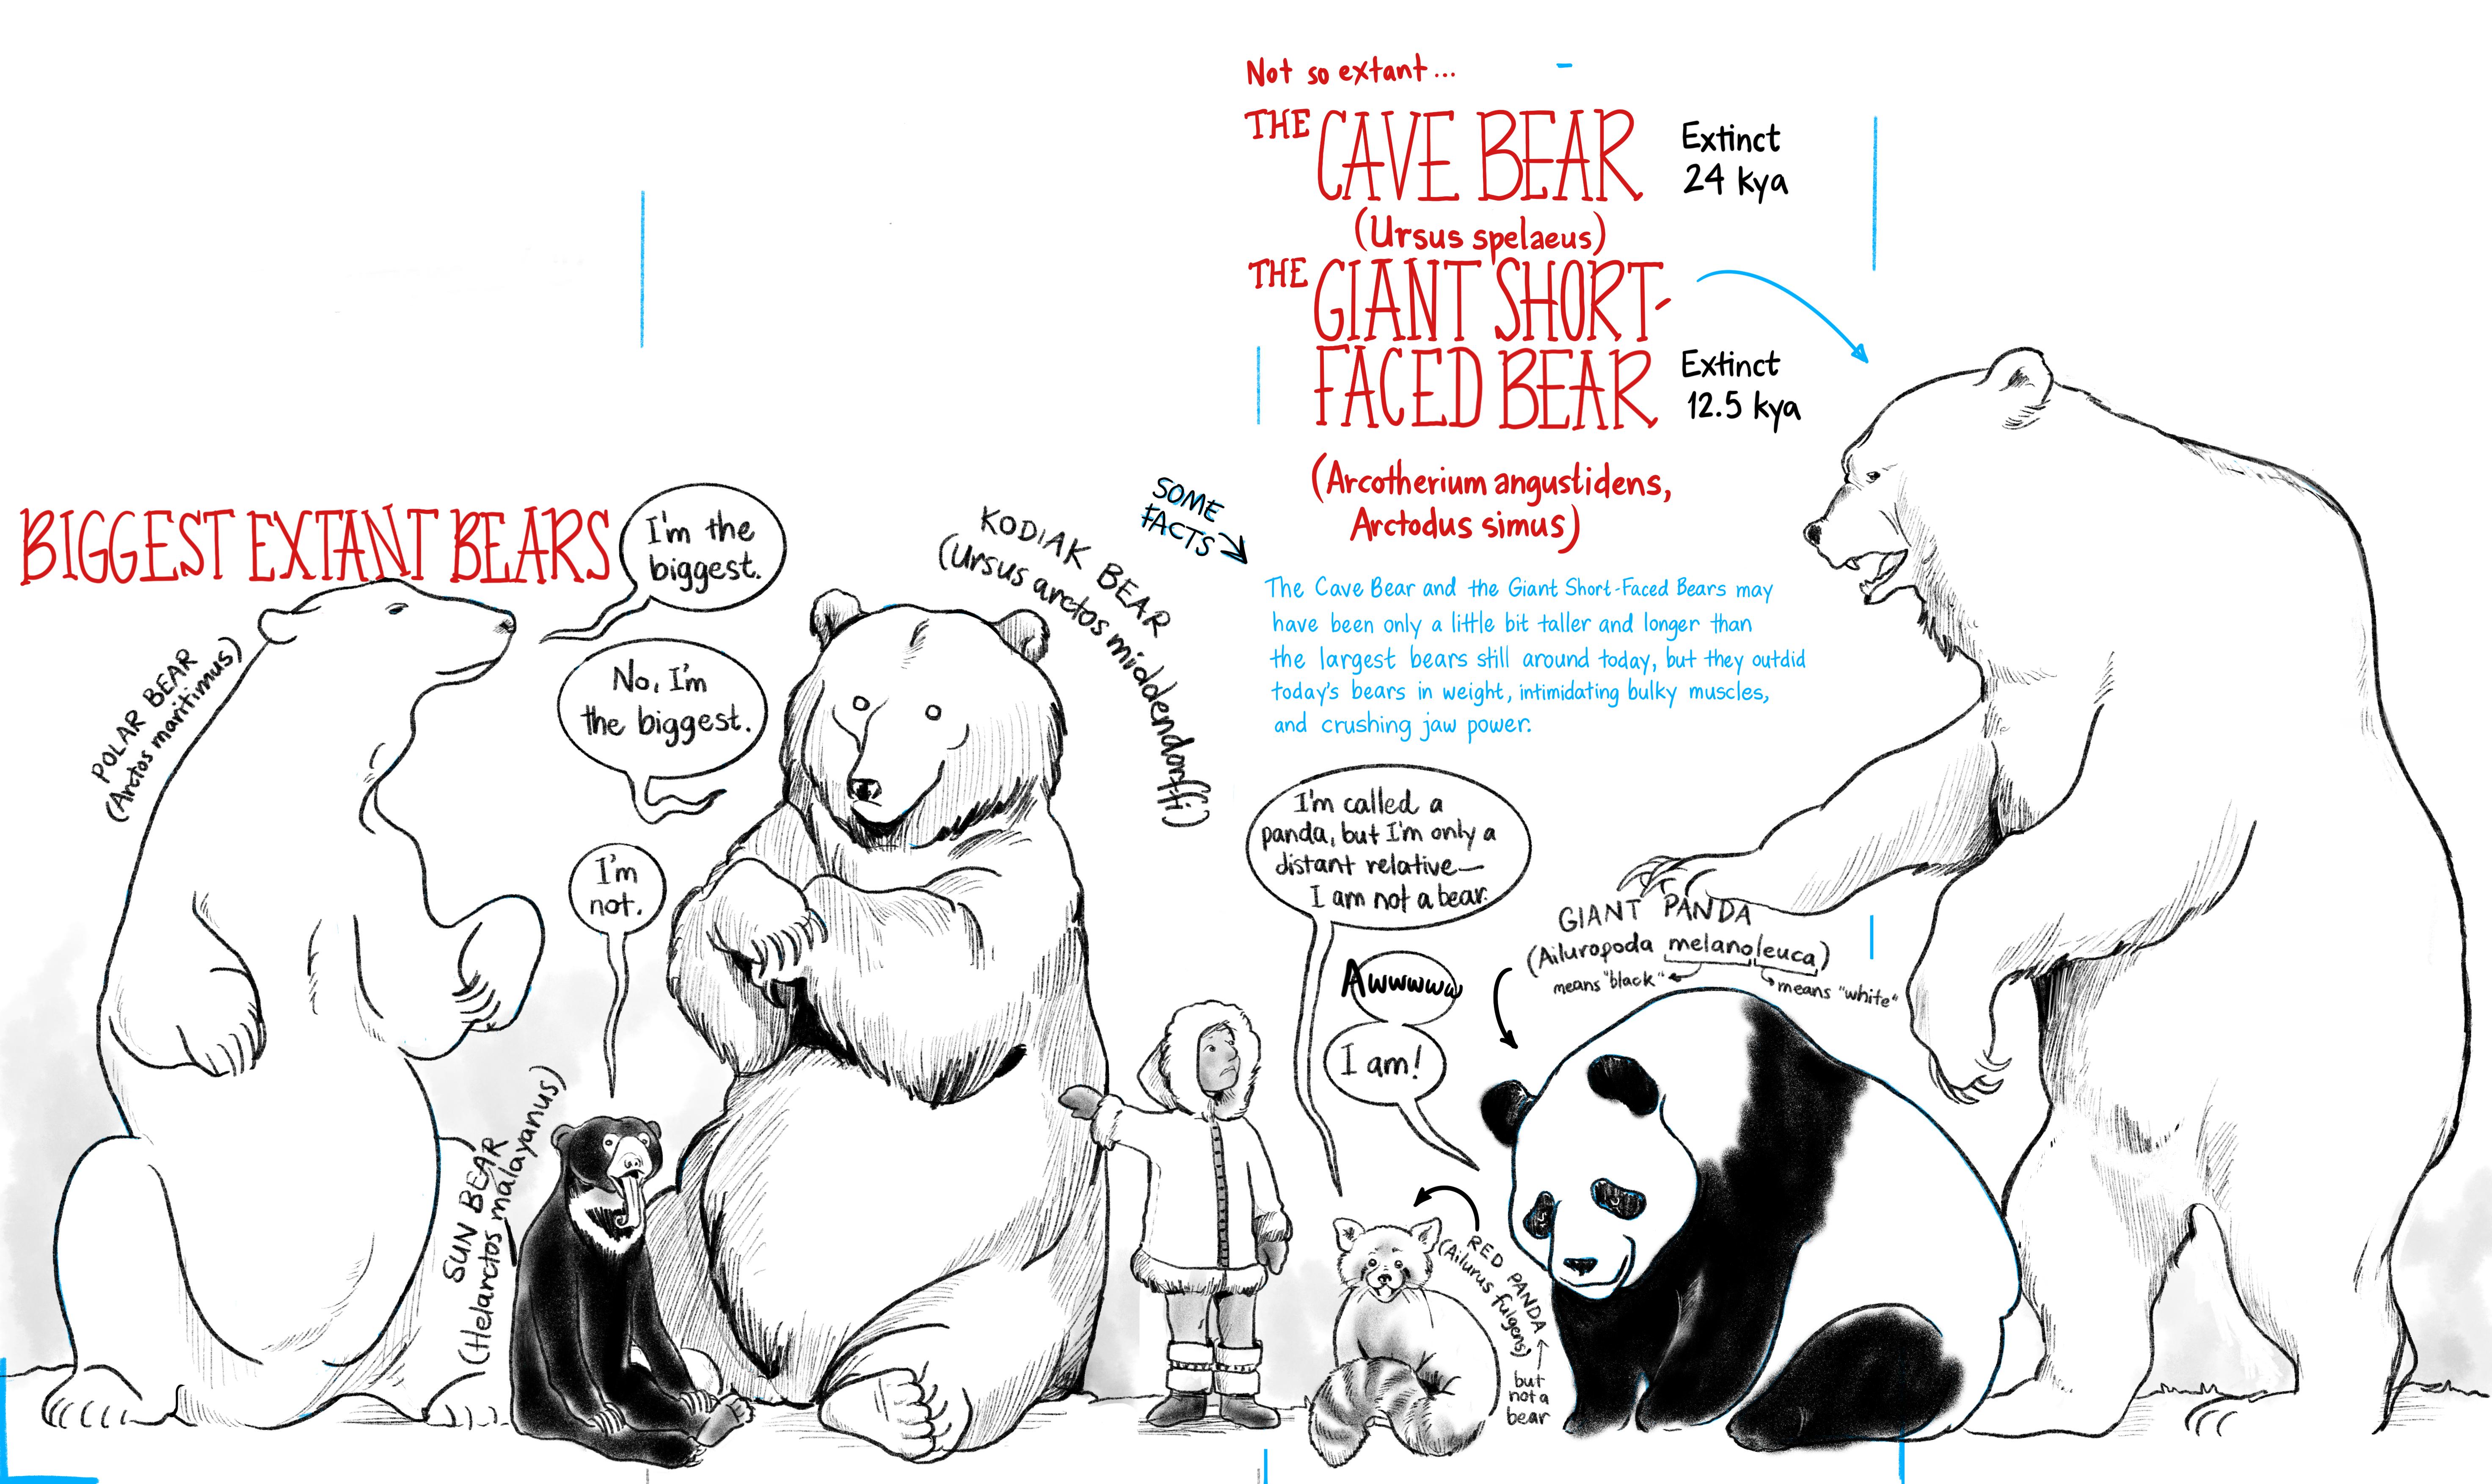 MEGA Megafauna: Bears and bearish critters